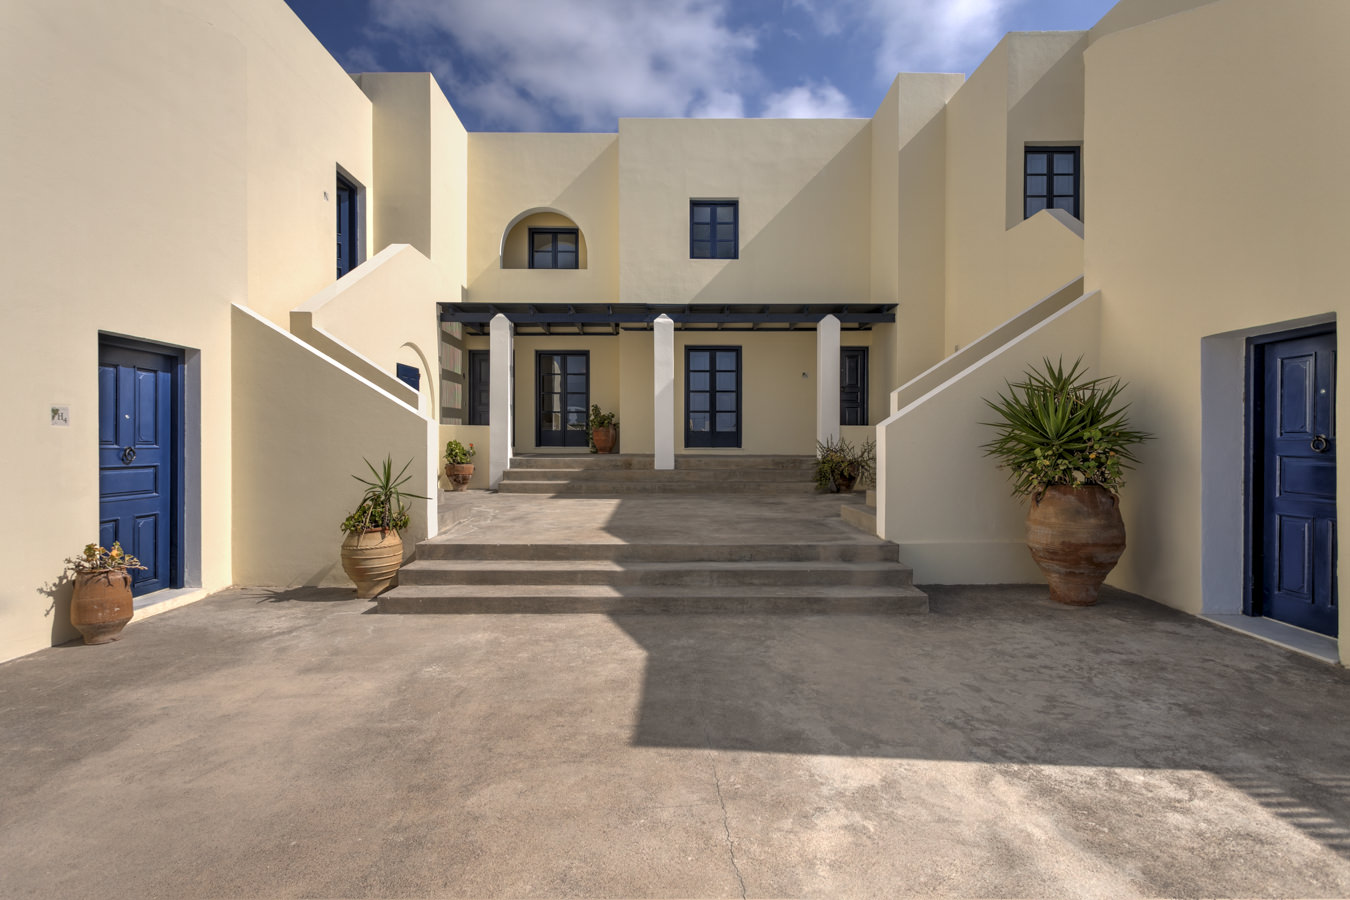 Vedema, a Luxury Collection Resort, Santorini, Γιώργος Φάκαρος - Αρχιτεκτονική Φωτογραφία | Εσωτερικοί Χώροι | Φωτογραφία Ξενοδοχειών - Photography / Φωτογραφία